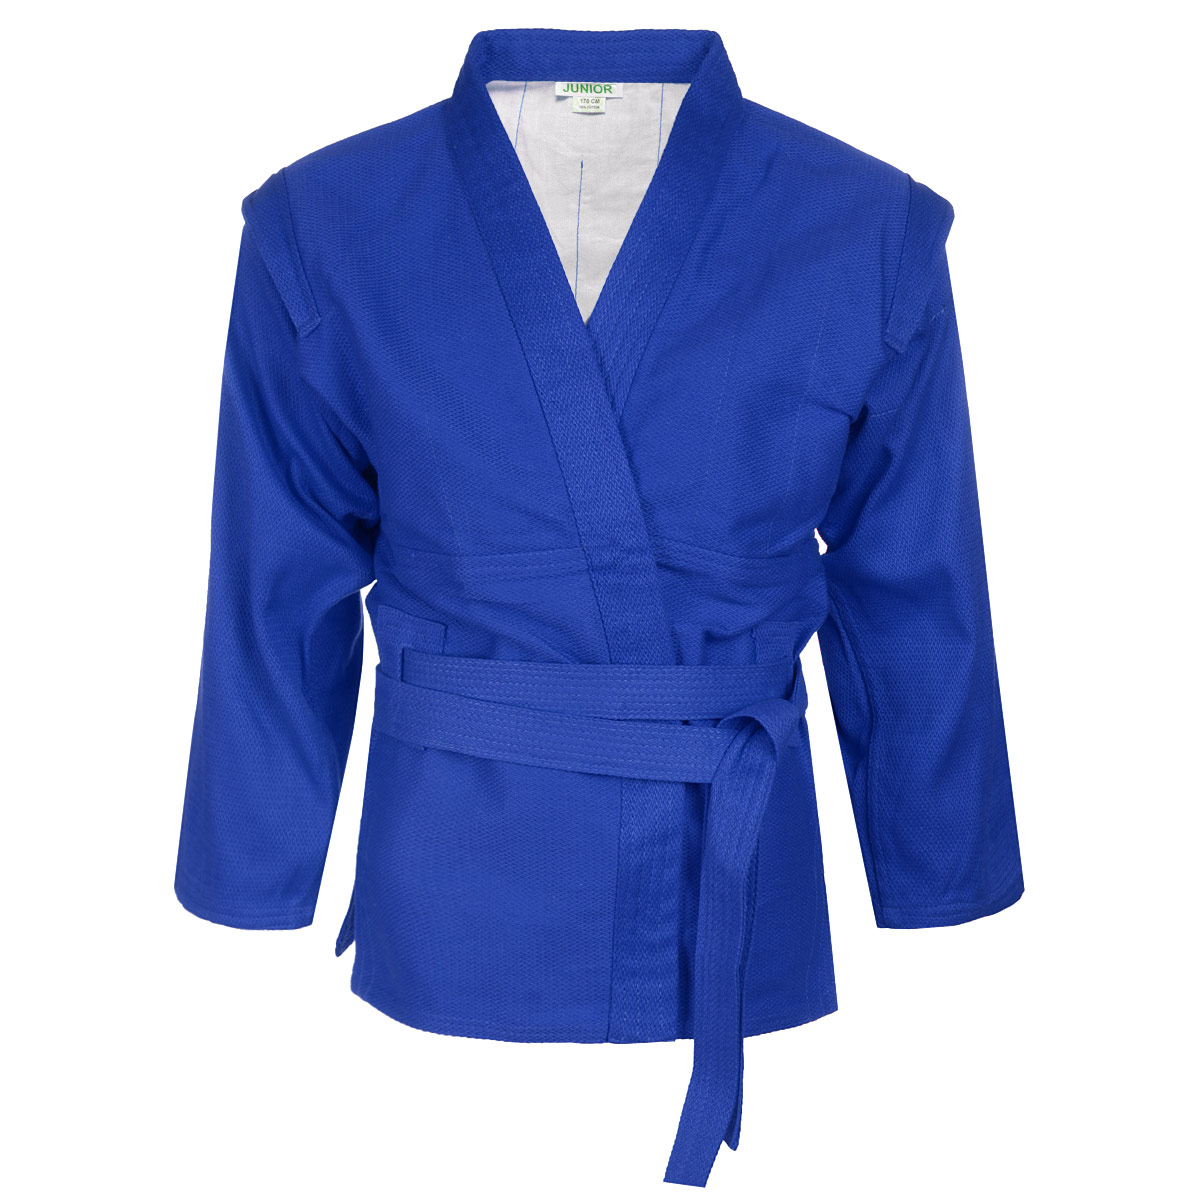 Кимоно детское для самбо Green Hill Junior, цвет: синий. SСJ-2201. Размер 150SСJ-2201Детское кимоно для самбо Green Hill Junior с глубоким запахом, боковыми разрезами и длинным рукавом изготовлено из плотного хлопка (плотность 300 г/м2) с плетением елочка.На изнаночной стороне для максимального комфорта до линии талии предусмотрена хлопковая подкладка. Боковые швы, края рукавов и полочек, низ изделия укреплены дополнительными строчками. Модель укреплена в подмышечной области. В области верхней части спины имеет особые прорези, в которые вставляется пояс, на плечах добавлены выступающие крылышки, предназначенные для выполнения захватов. Длинный плотный пояс укреплен многорядной прострочкой.